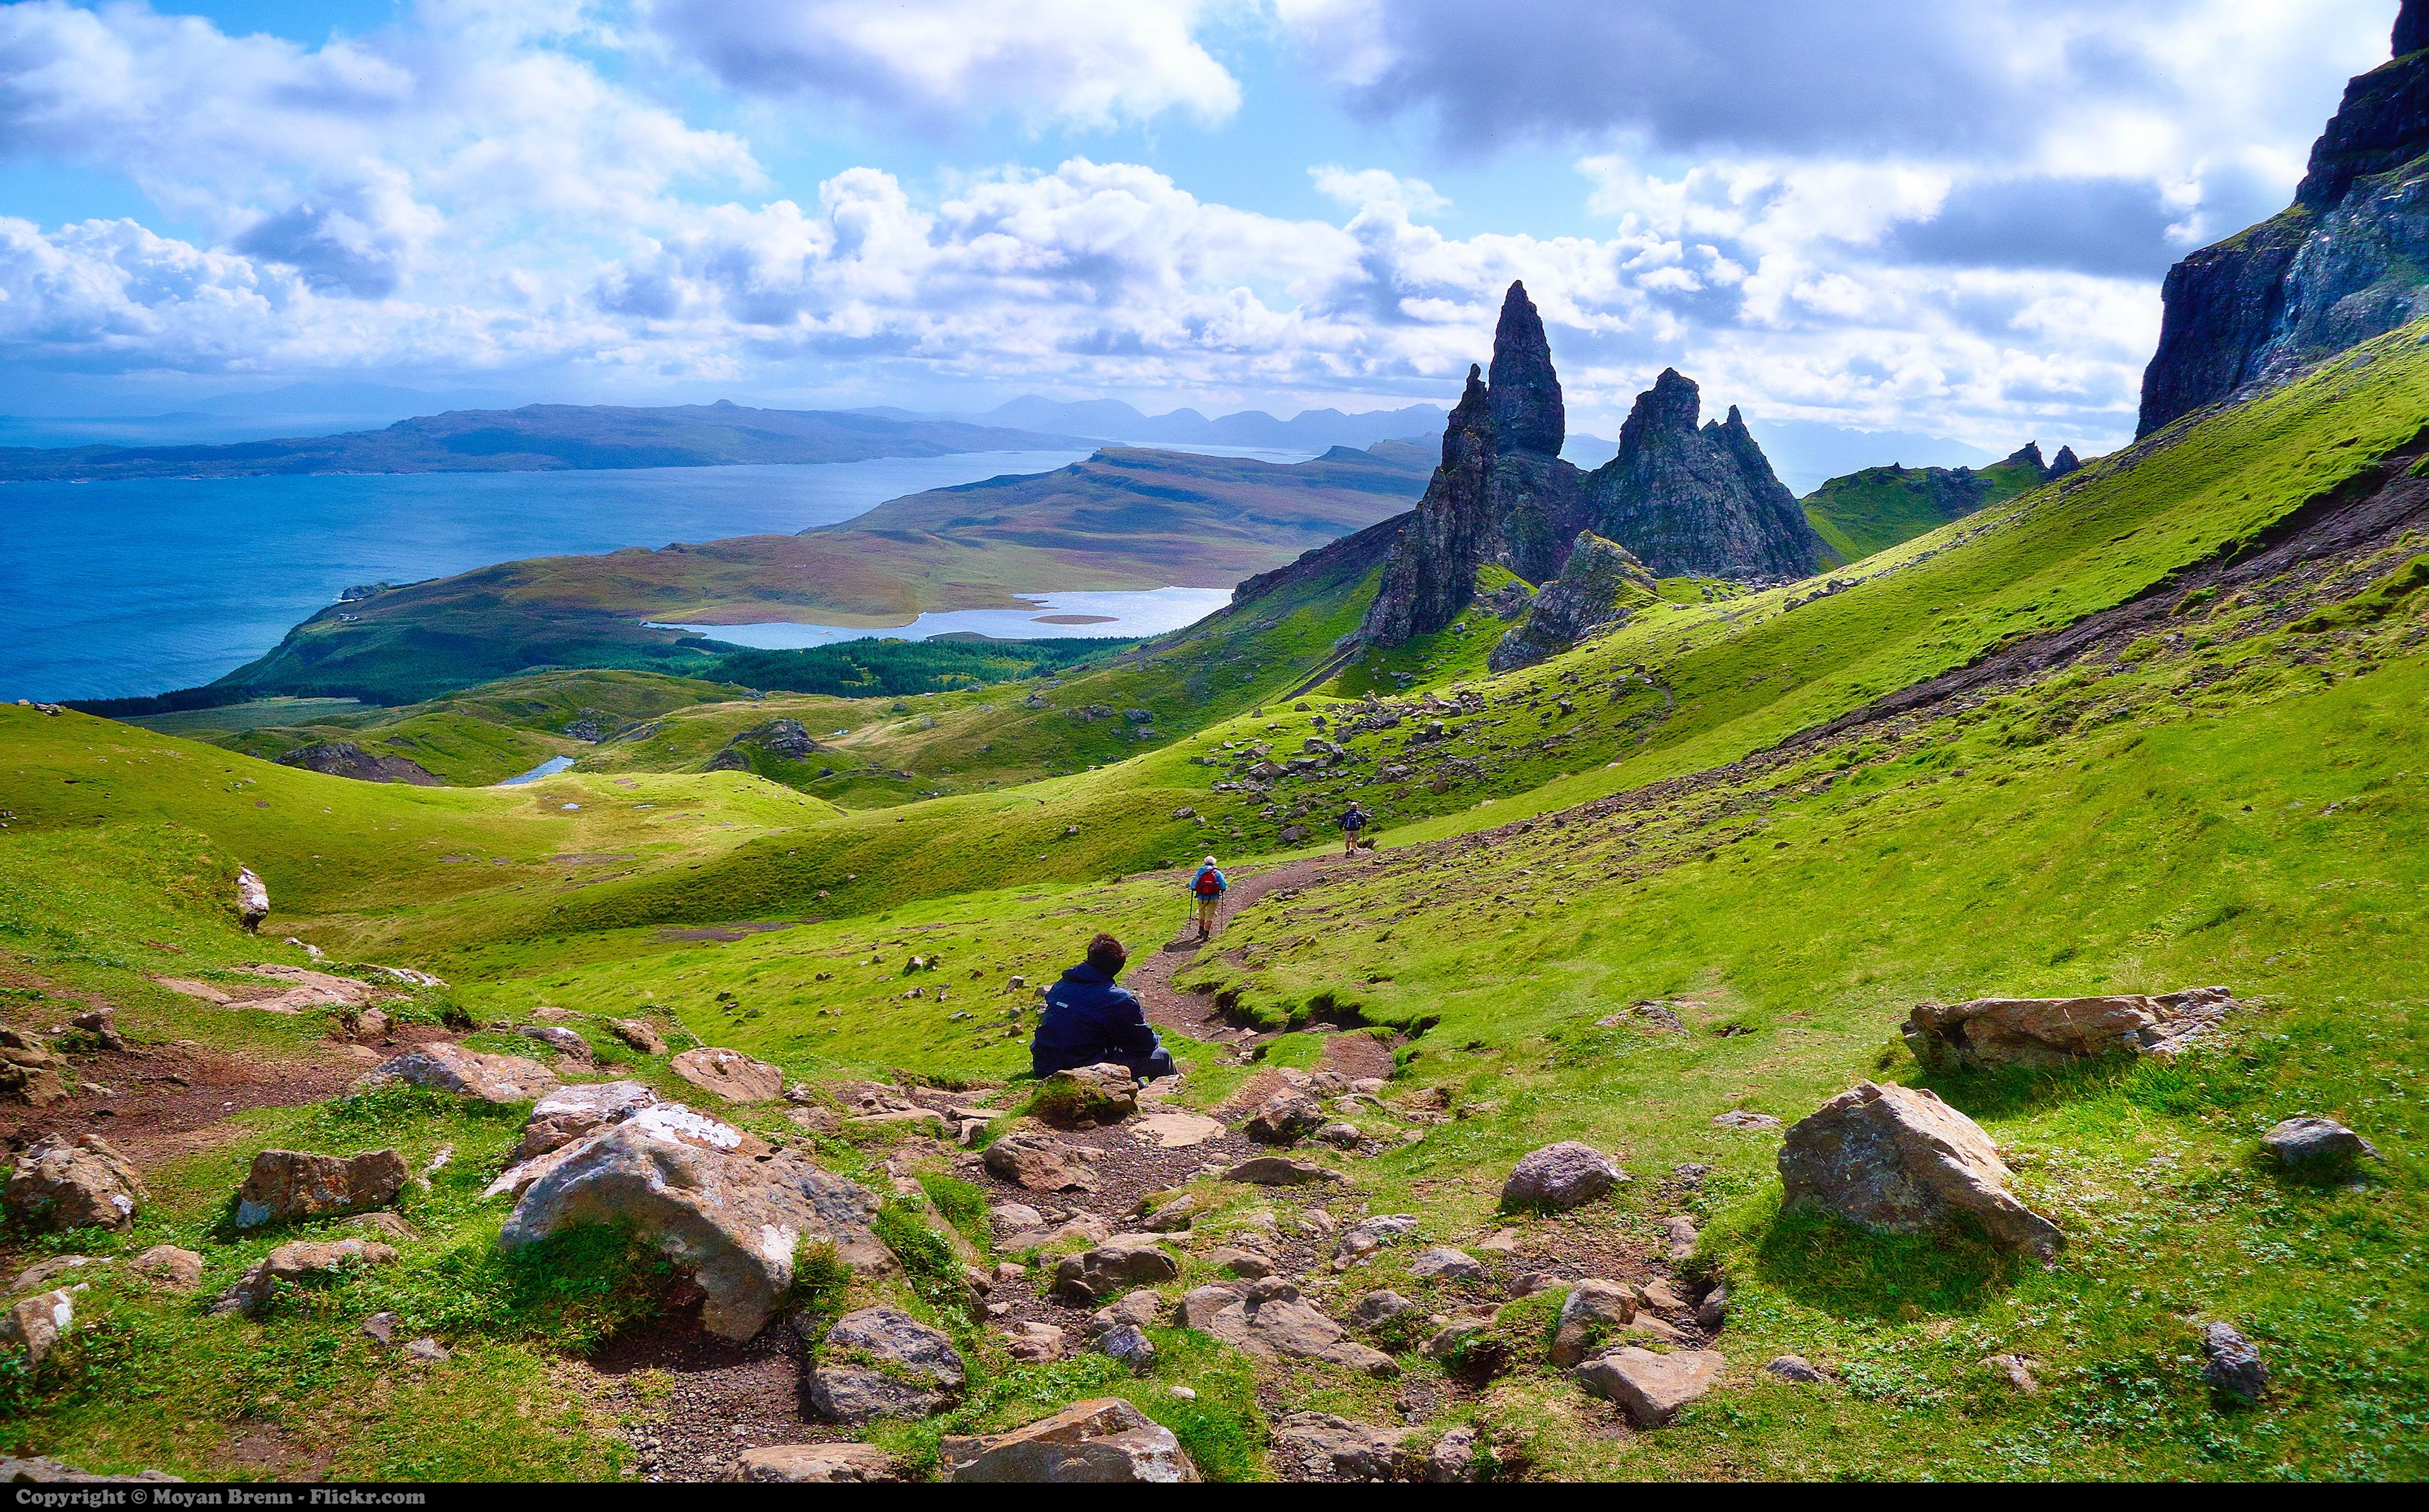 Edinburgh Photography Tours Groupon